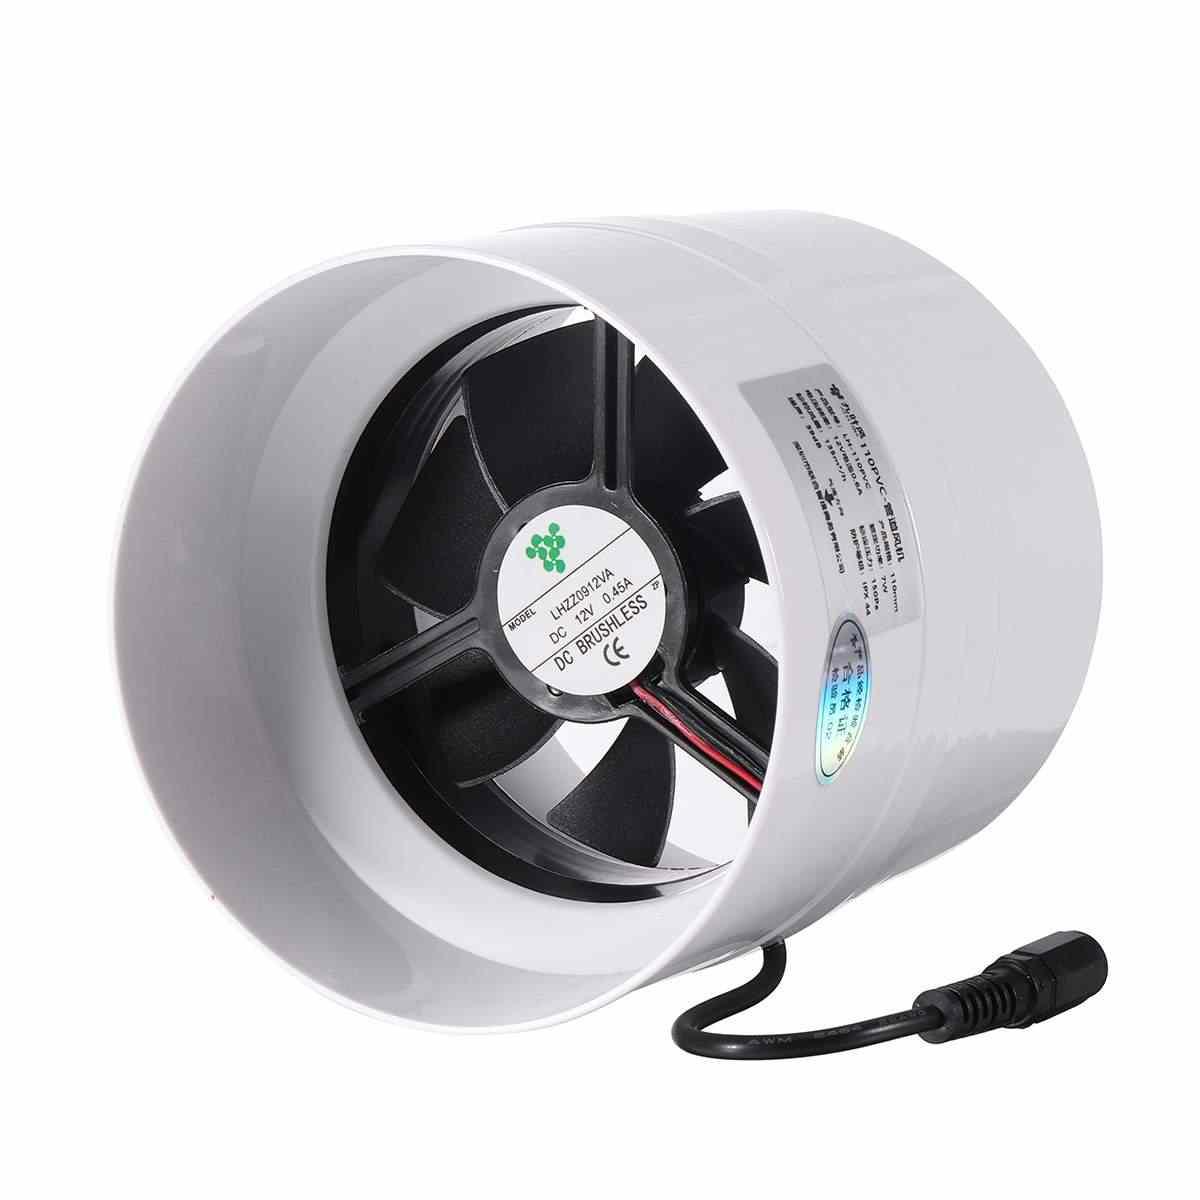 Pijp Ventilator Badkamer Krachtige Ventilator Badkamer Stille Uitlaat Ventilator Hf 75s Afzuigventilatoren Aliexpress